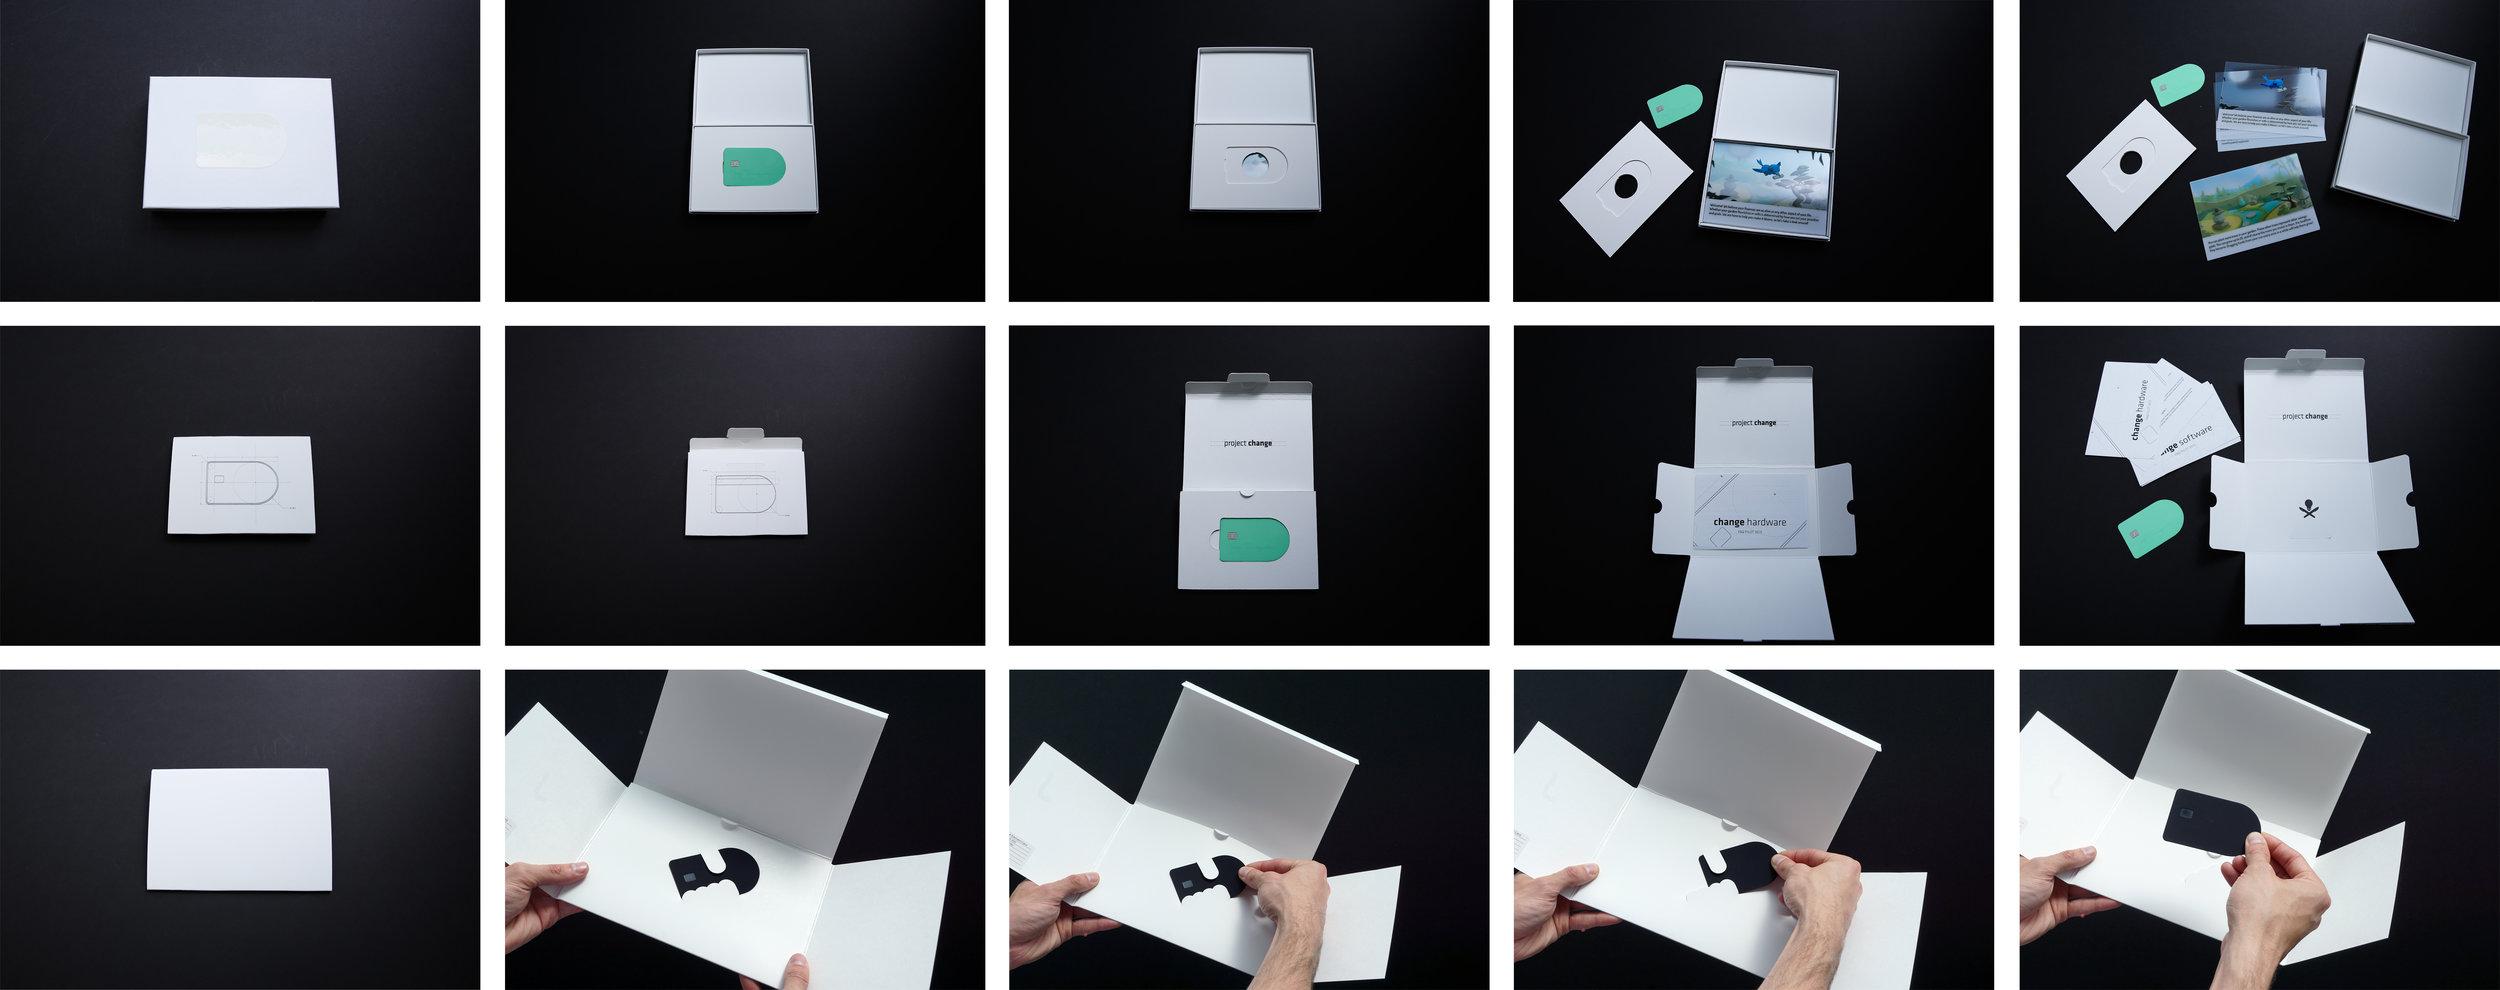 Packaging prototypes